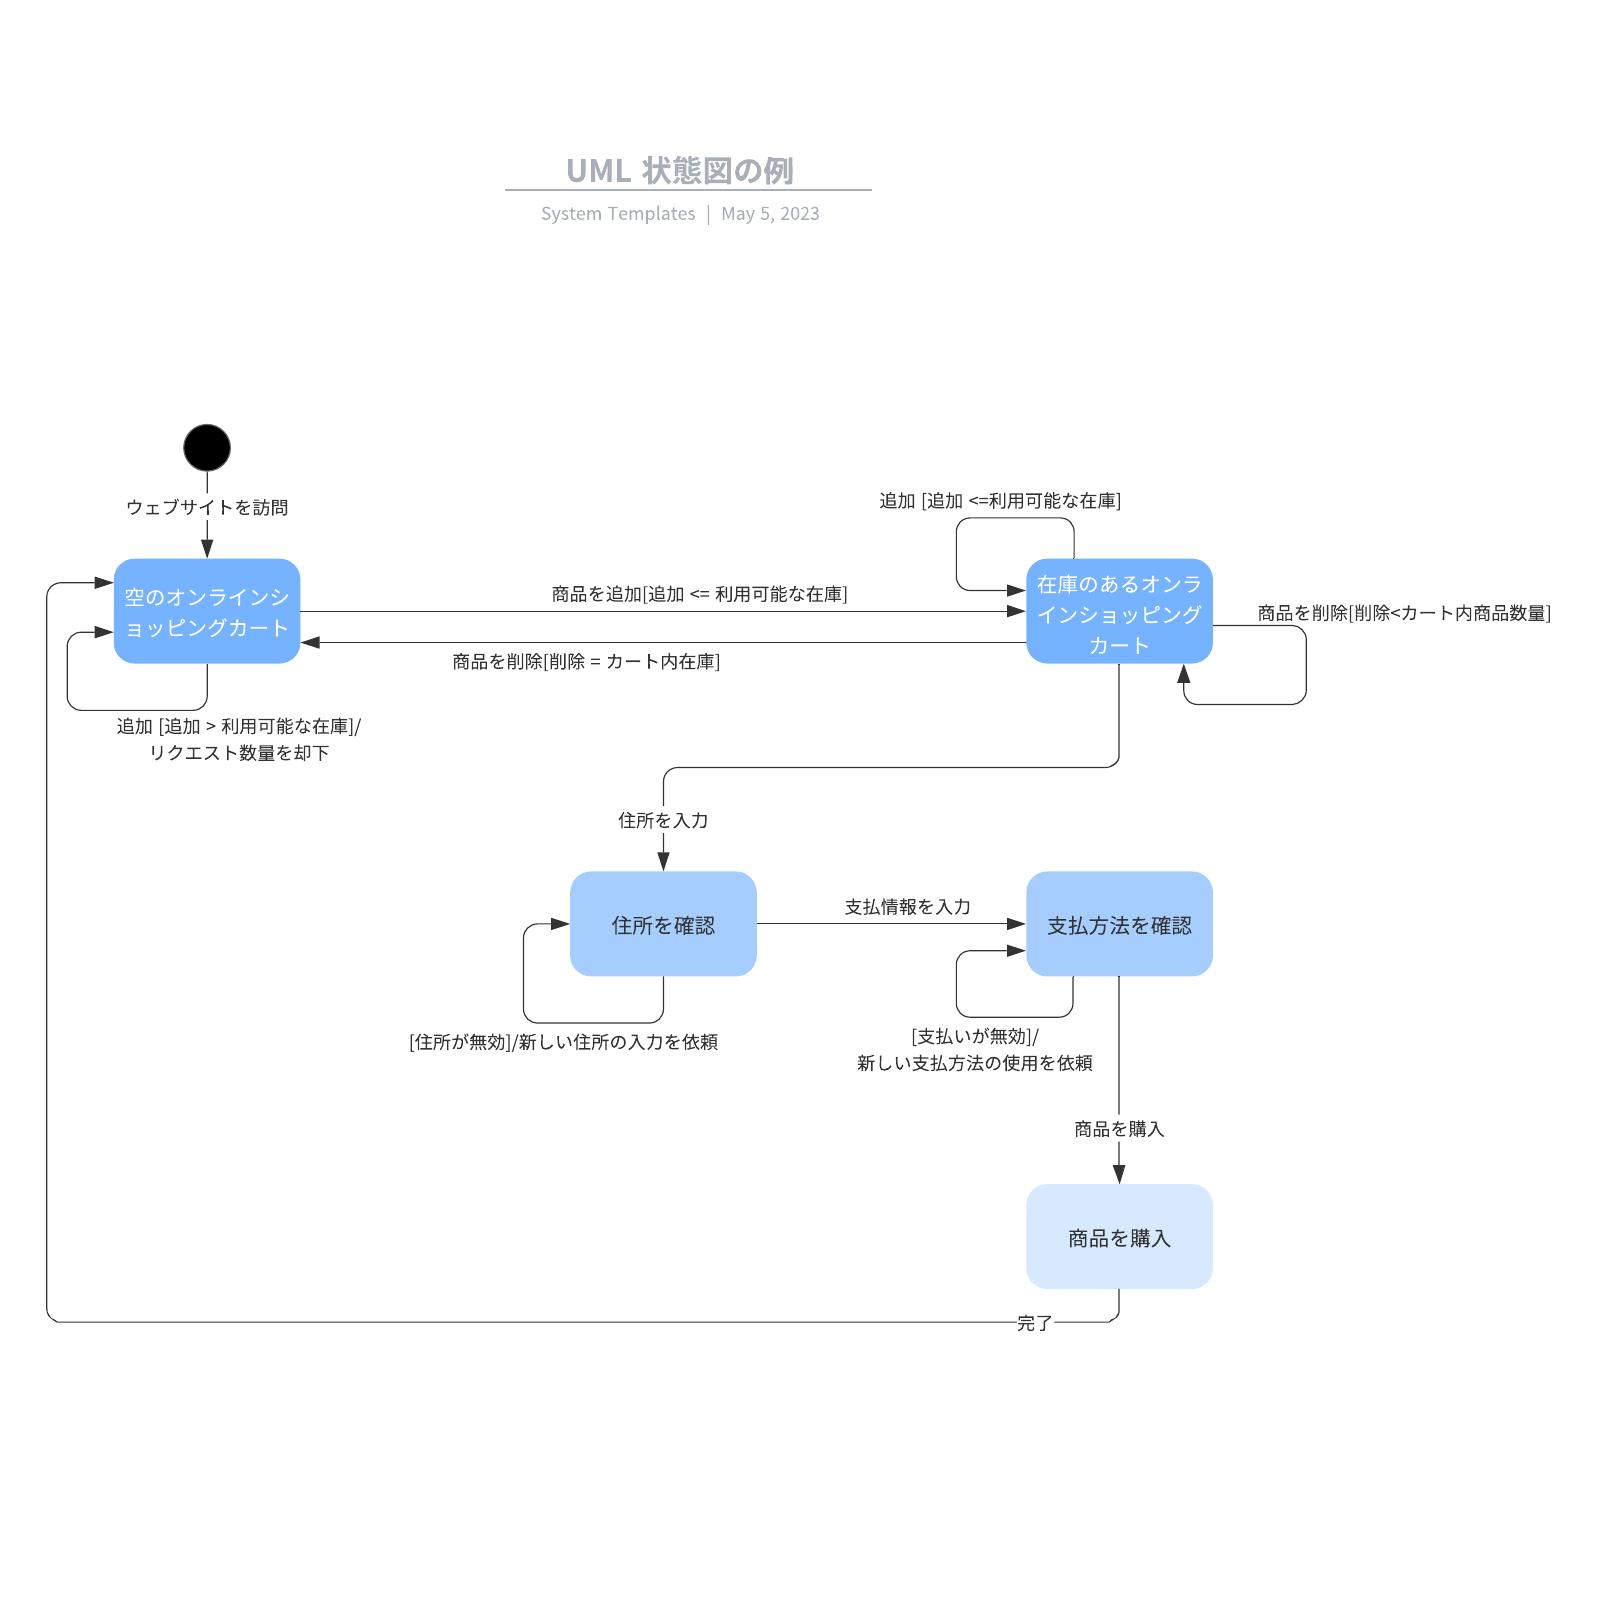 UML State Machine Diagram 状態遷移図の例